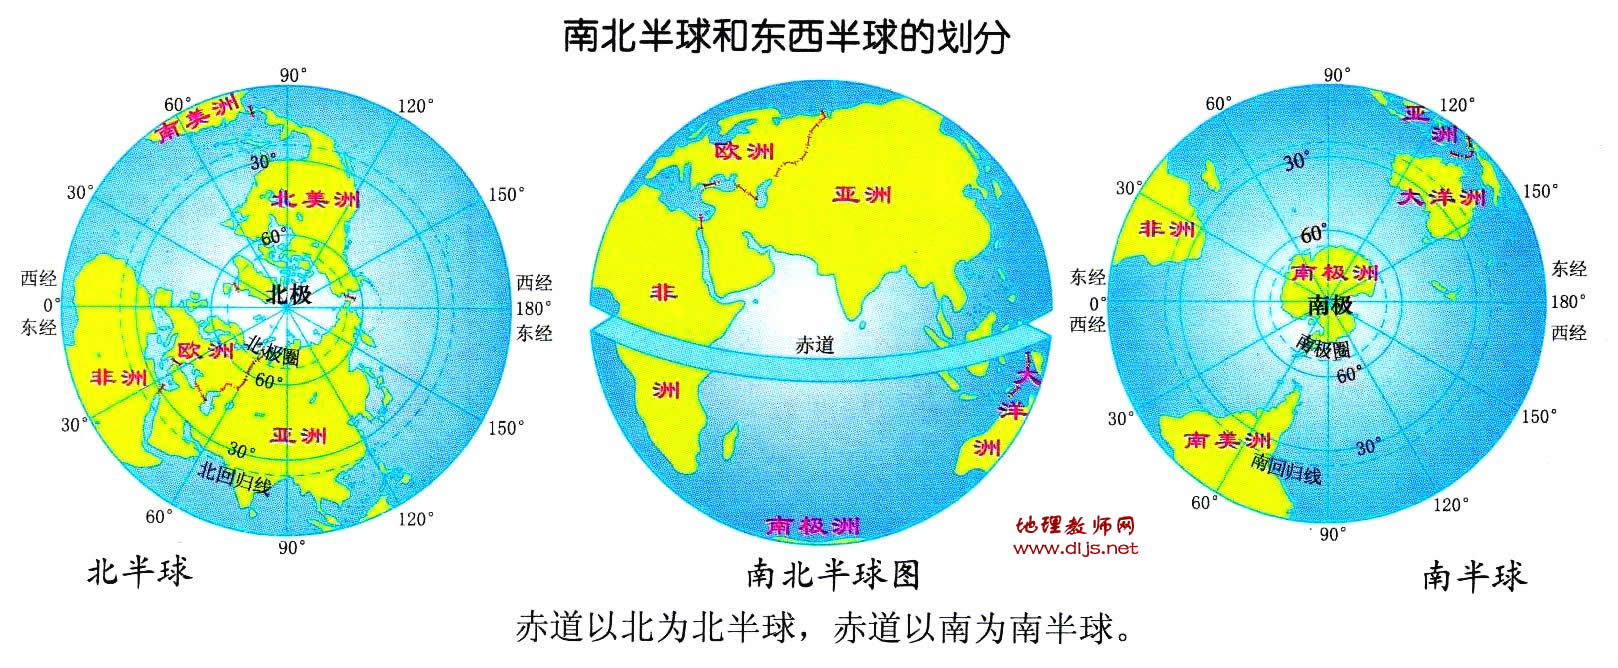 南北半球的划分示意图